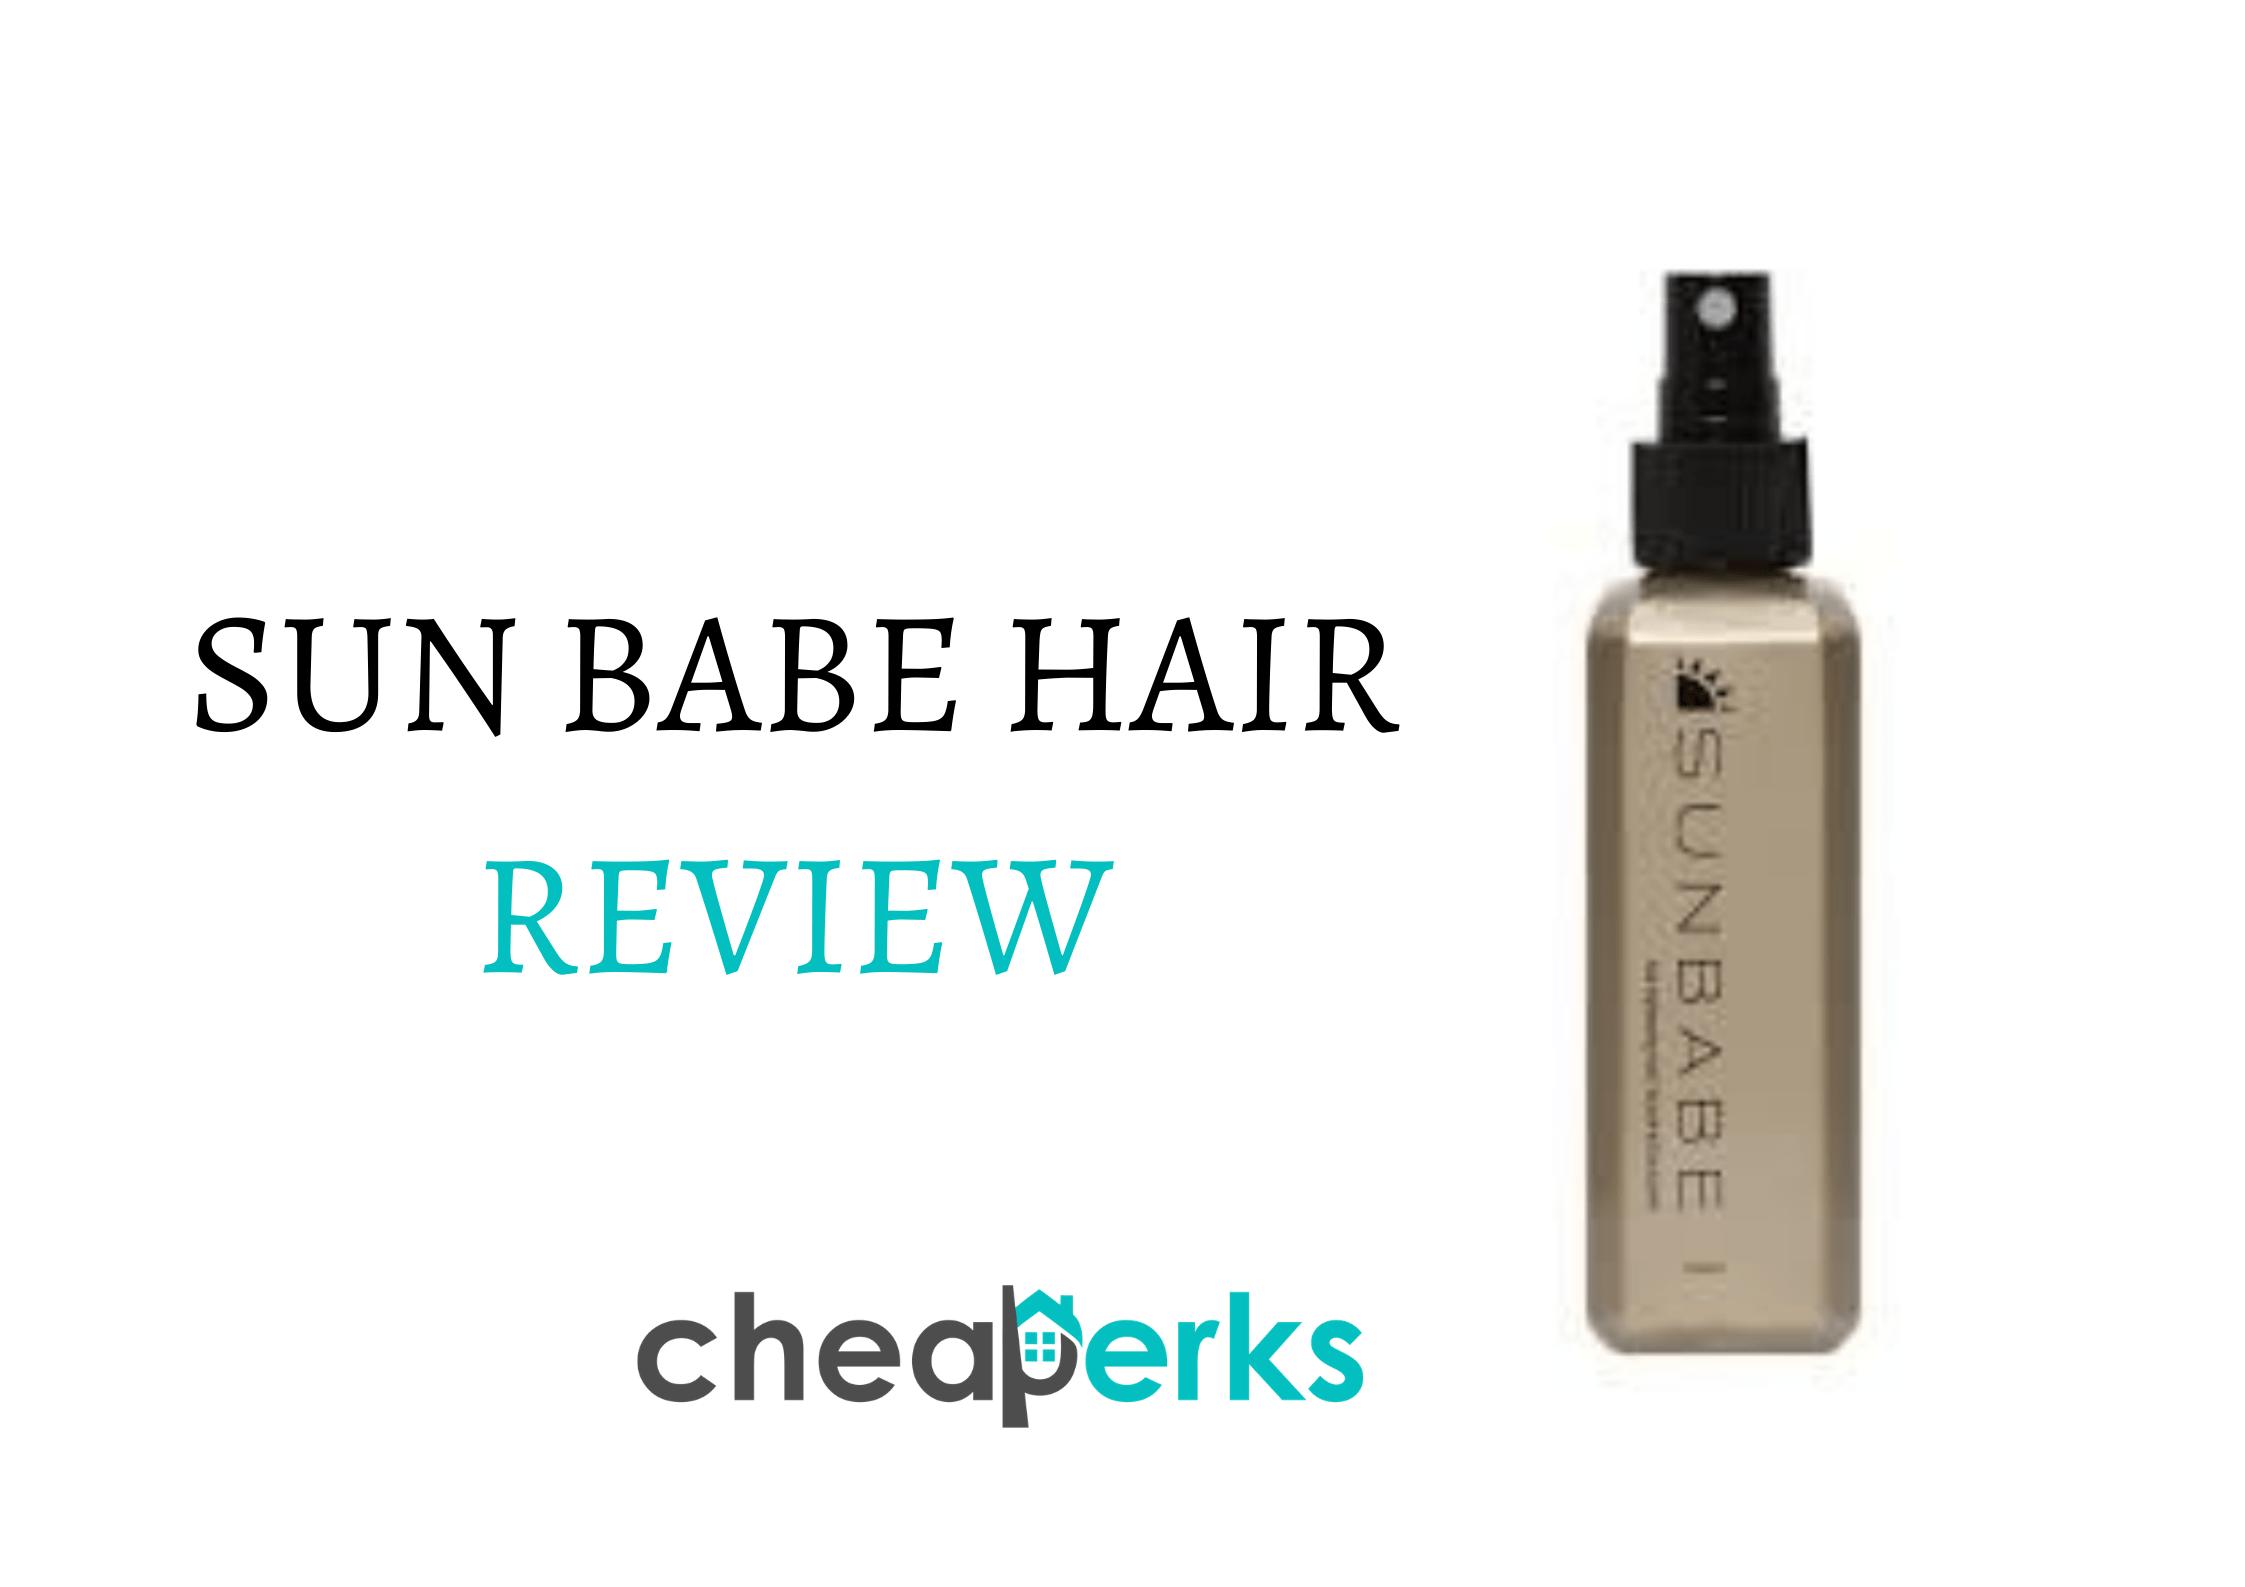 SUN BABE HAIR REVIEW